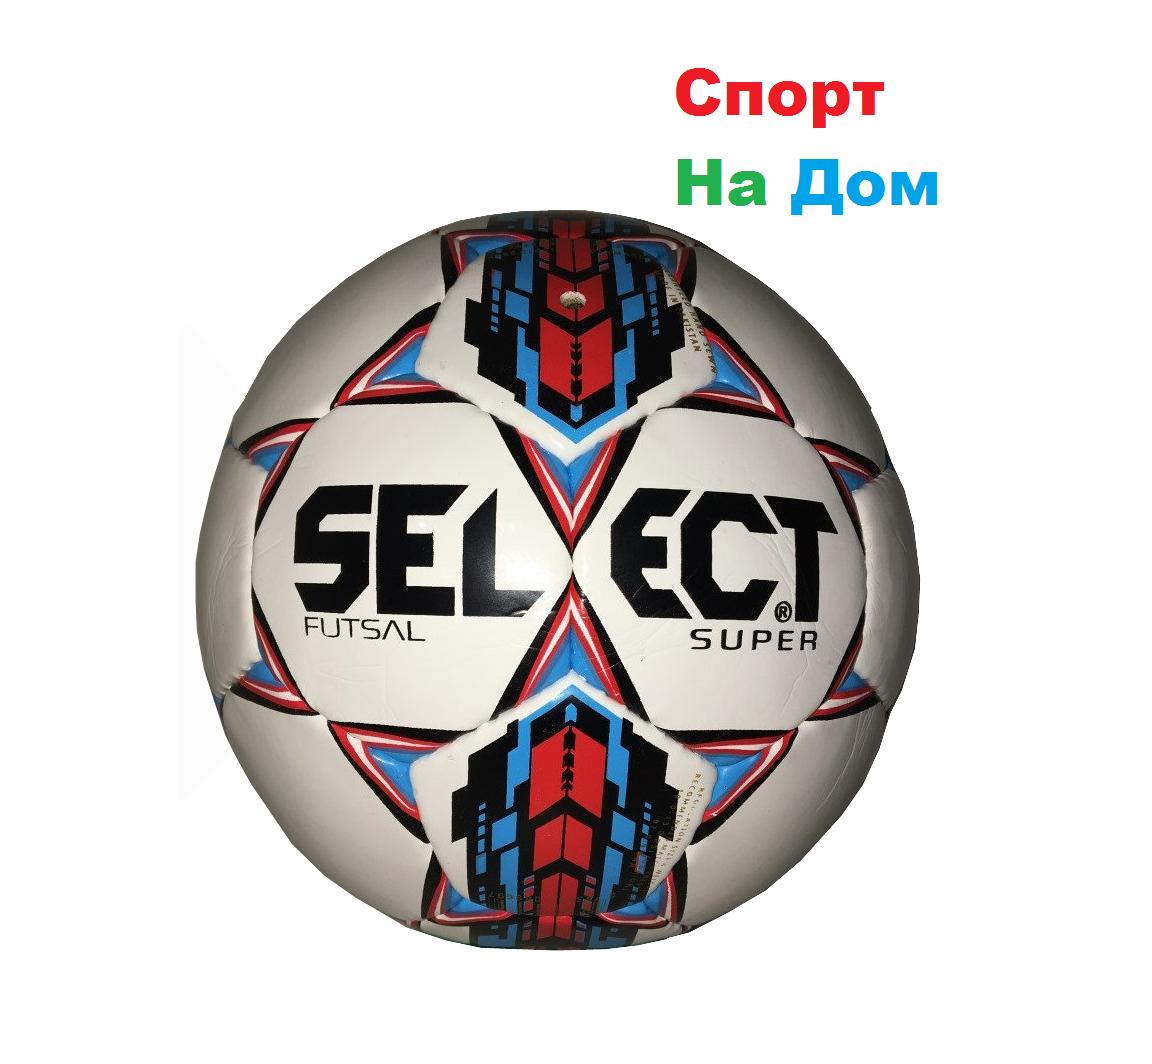 Футбольный мяч Select Futzal Super кожаный (размер 4) сшитый